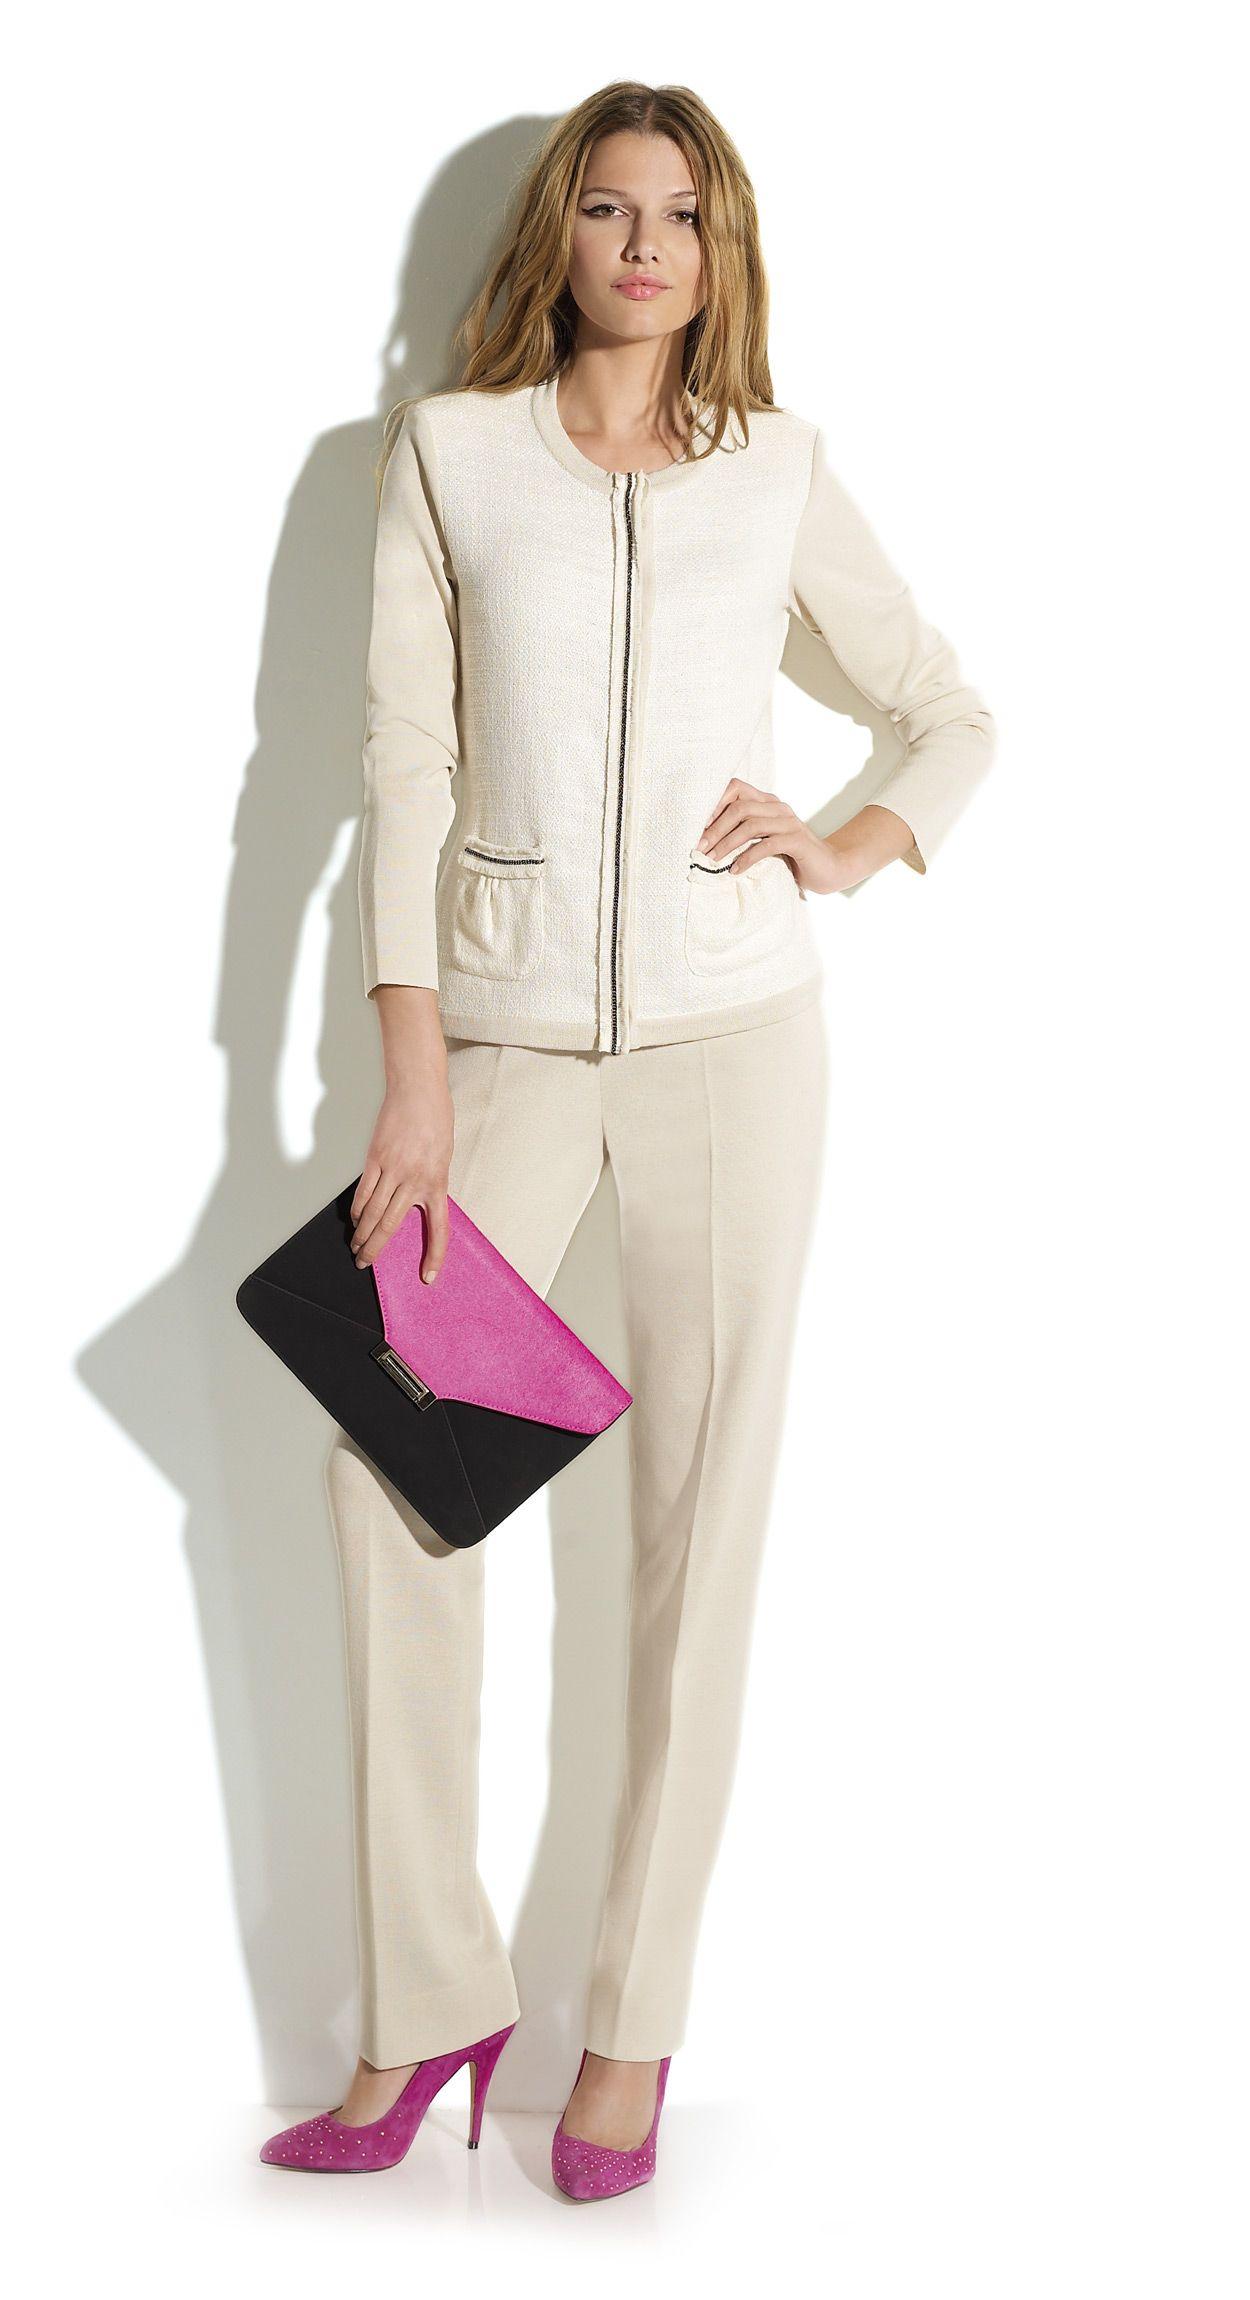 1a01bc61e Conjunto de pantalón y chaqueta color beige y estilo Chanel.  Naulover   Moda  ModaMujer  Fashion